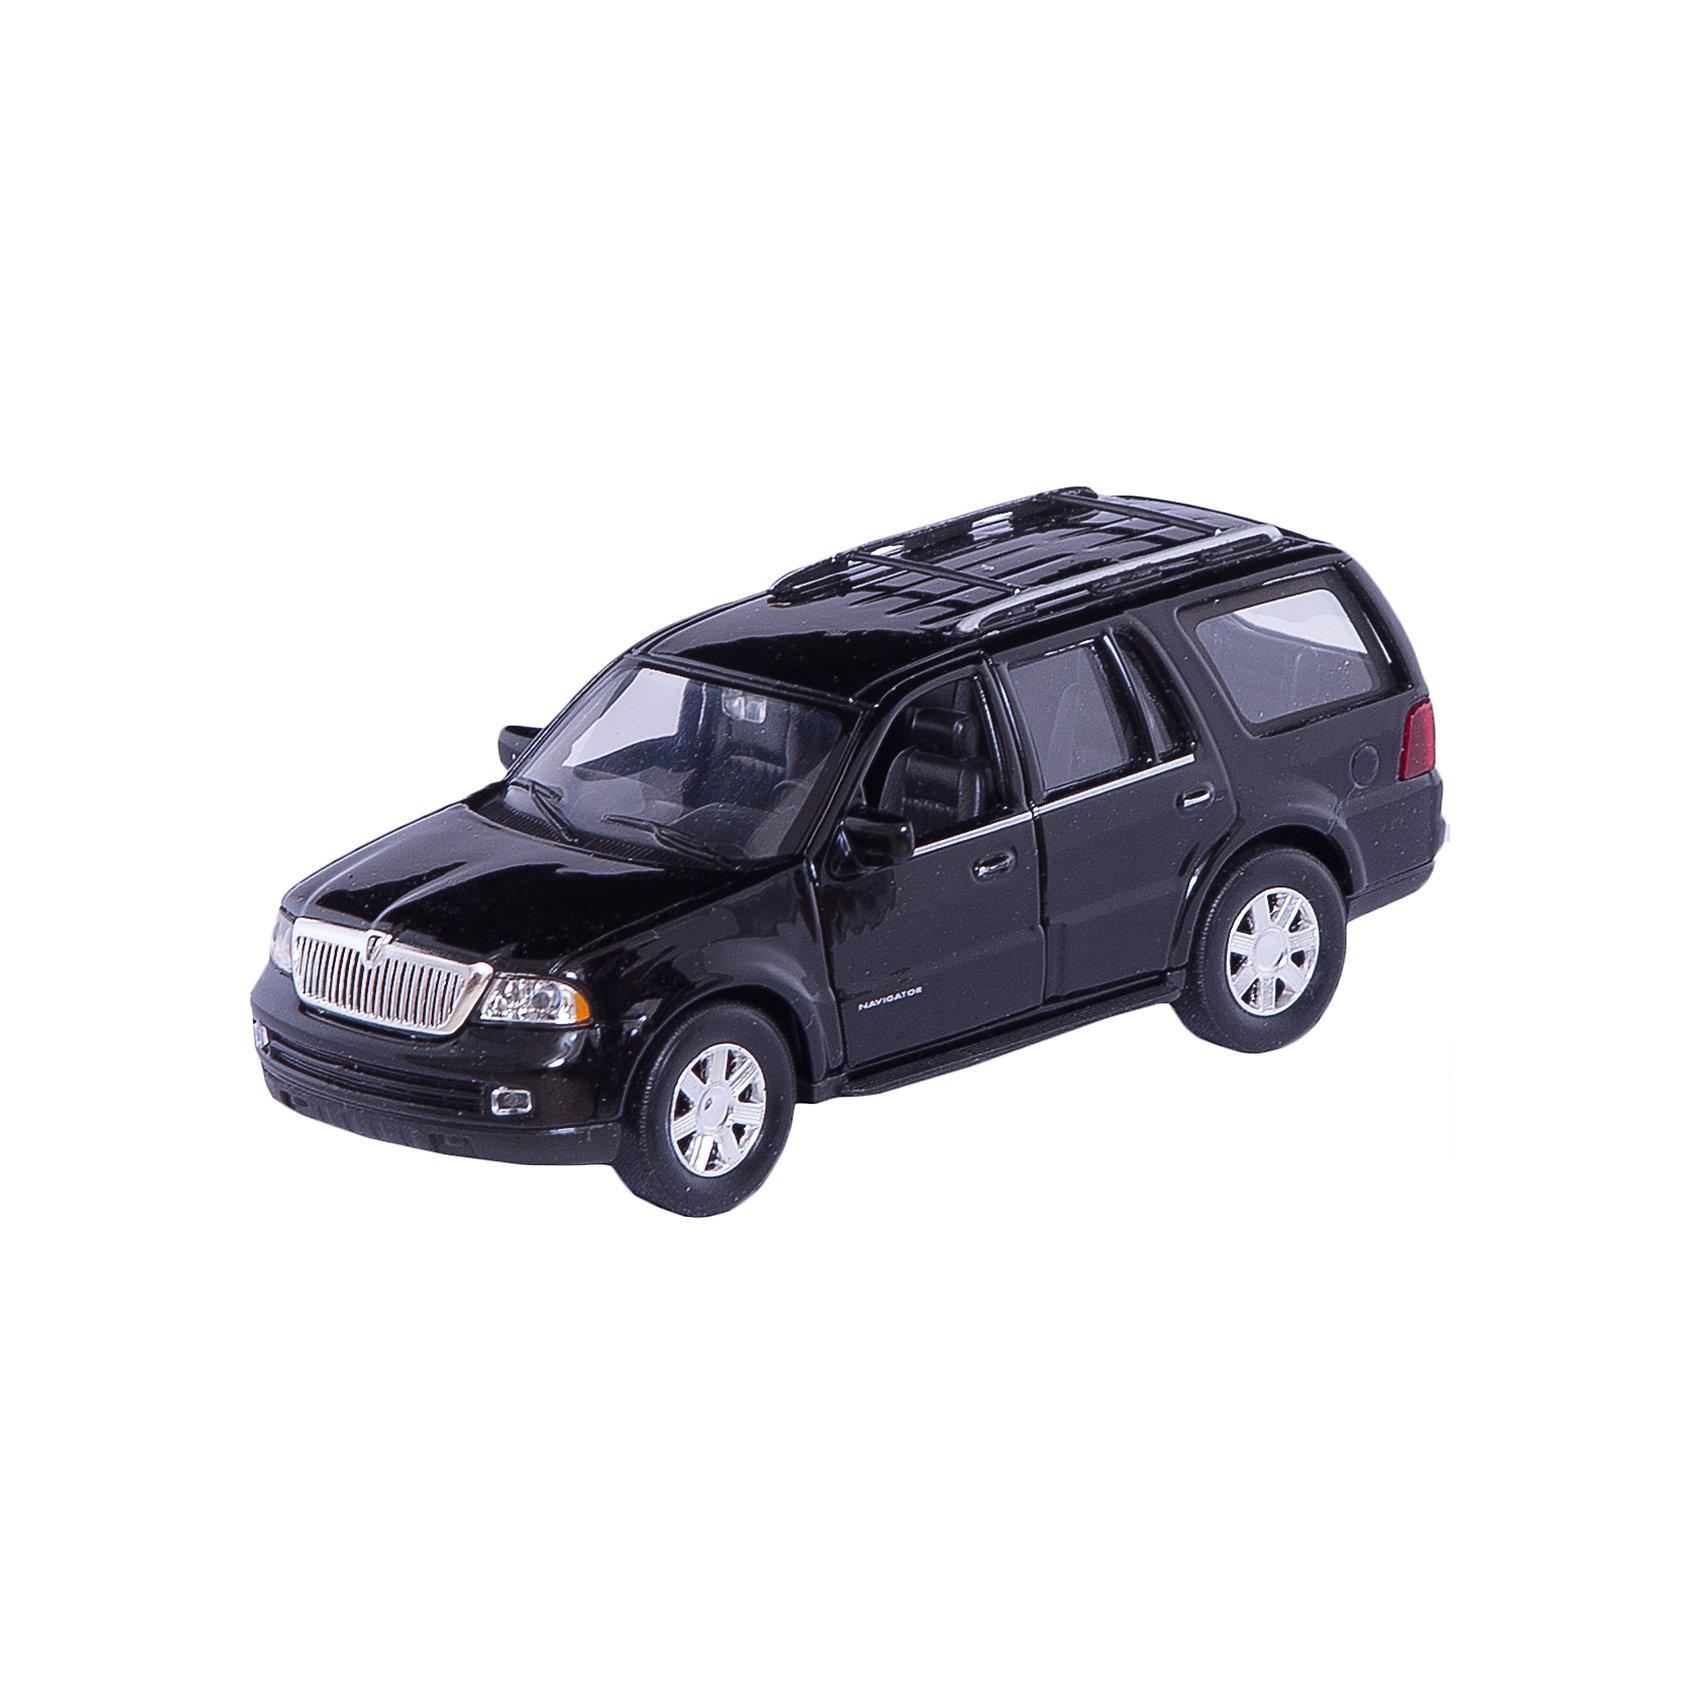 Welly Модель машины 1:35 2005 Ford Lion NavigatorКоллекционные модели<br>Характеристика:<br><br>- Возраст: от 3 лет.<br>- Масштаб: 1:35.<br>- Материал: металл, пластик.<br>- Размер игрушки: 18х8х7 см.<br>- Вес машинки: 300 г.<br><br>Такая машинка обязательно понравится Вашему ребенку! <br><br>Welly Модель машины 1:35 2005 Ford Lion Navigator, можно купить в нашем магазине.<br><br>Ширина мм: 185<br>Глубина мм: 80<br>Высота мм: 85<br>Вес г: 310<br>Возраст от месяцев: 84<br>Возраст до месяцев: 1188<br>Пол: Мужской<br>Возраст: Детский<br>SKU: 2150115